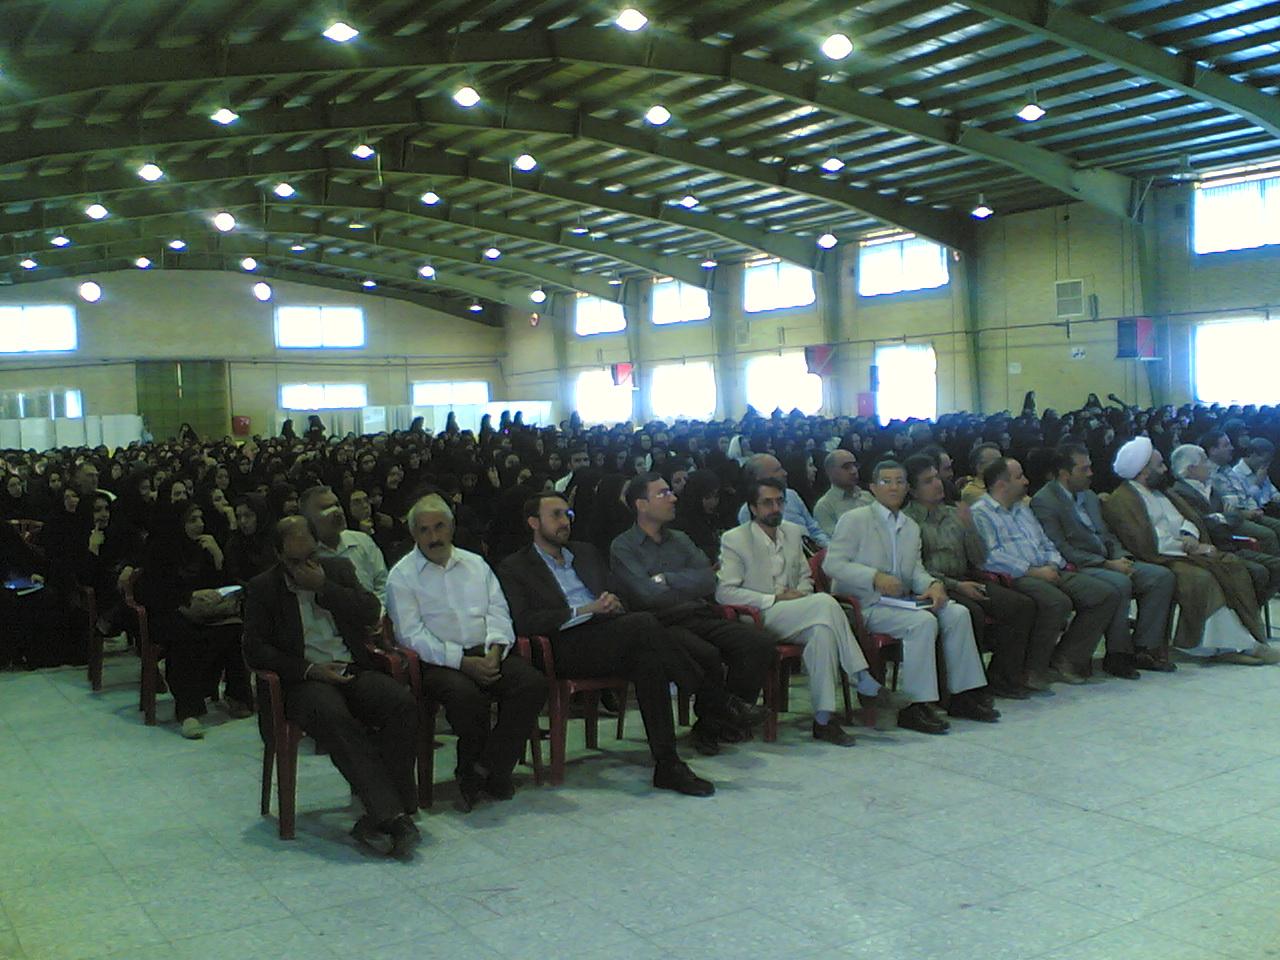 جلسه توجیهی دانشجویان جدیدالورود دانشگاه آزاد اسلامی  واحد خوراسگان برگزار شد